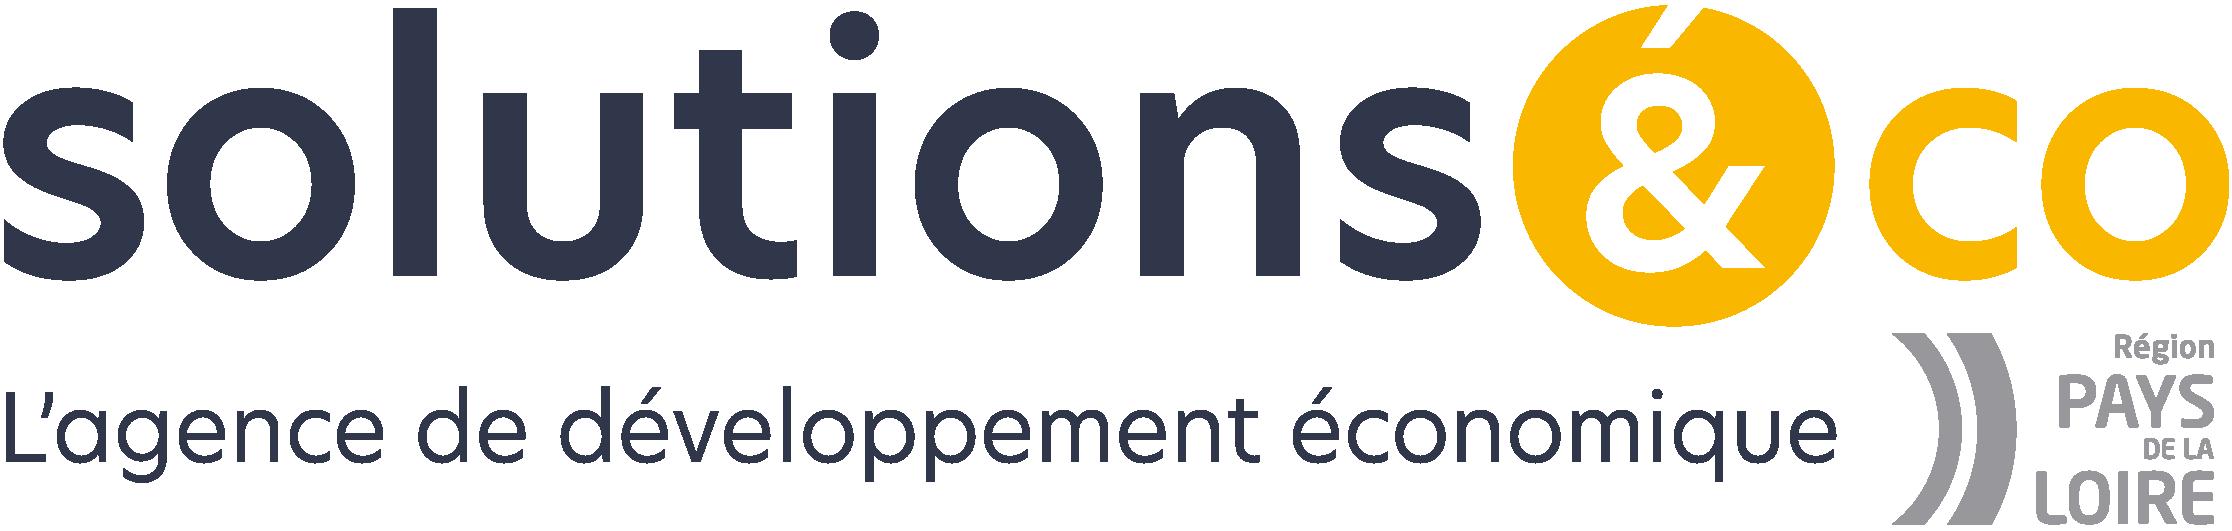 logo s&co